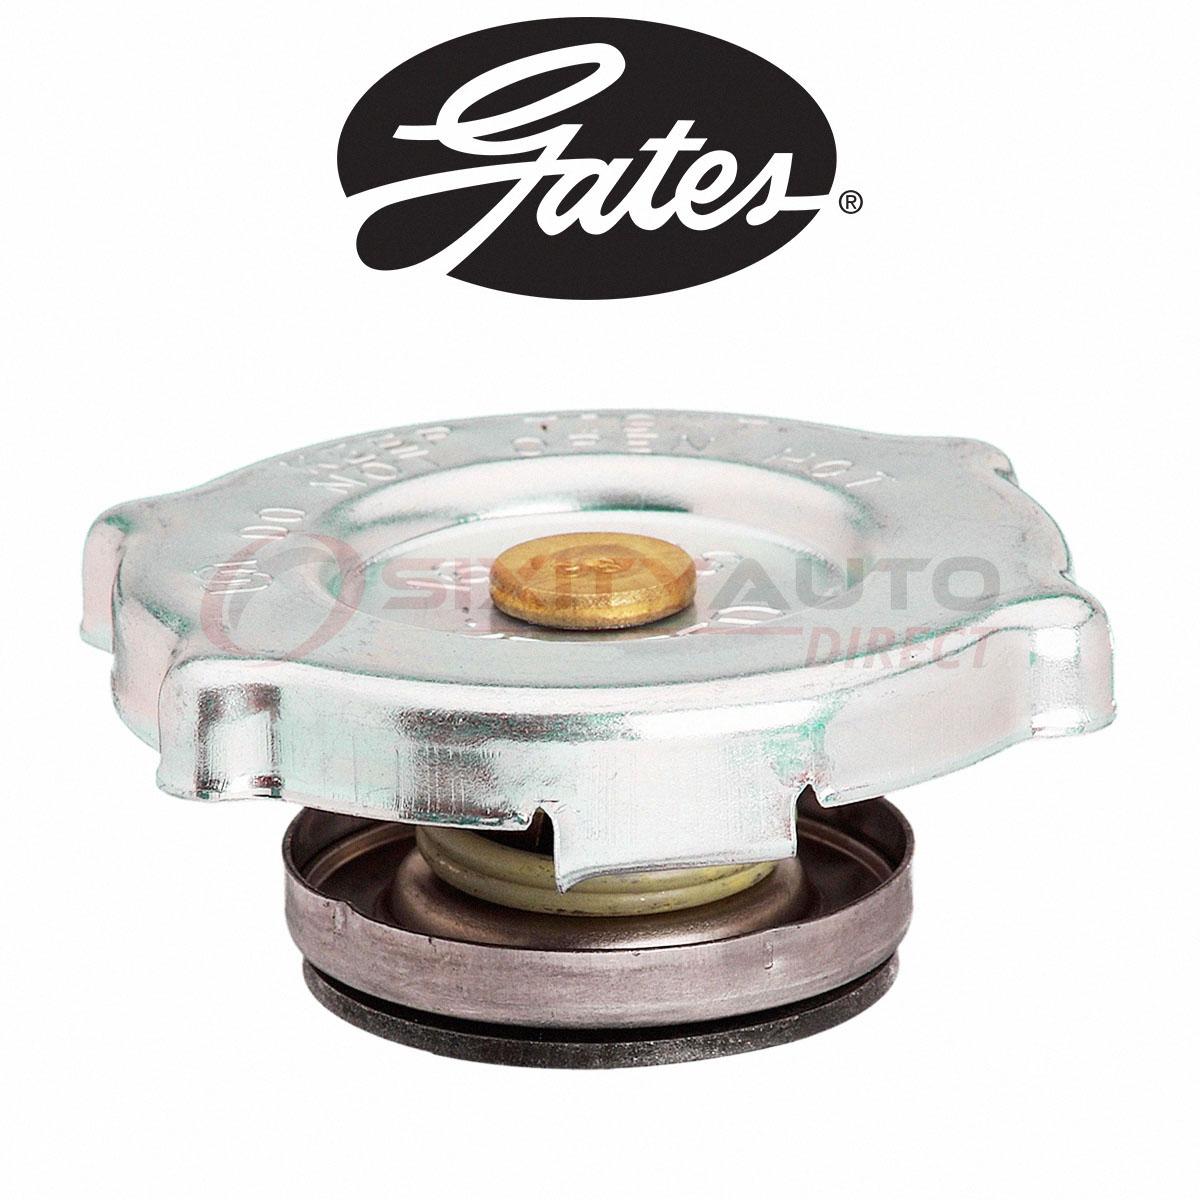 Gates Radiator Cap for 1970-1974 Plymouth Cuda 7.0L 7.2L 5.2L 5.9L 6.3L 5.6L jh